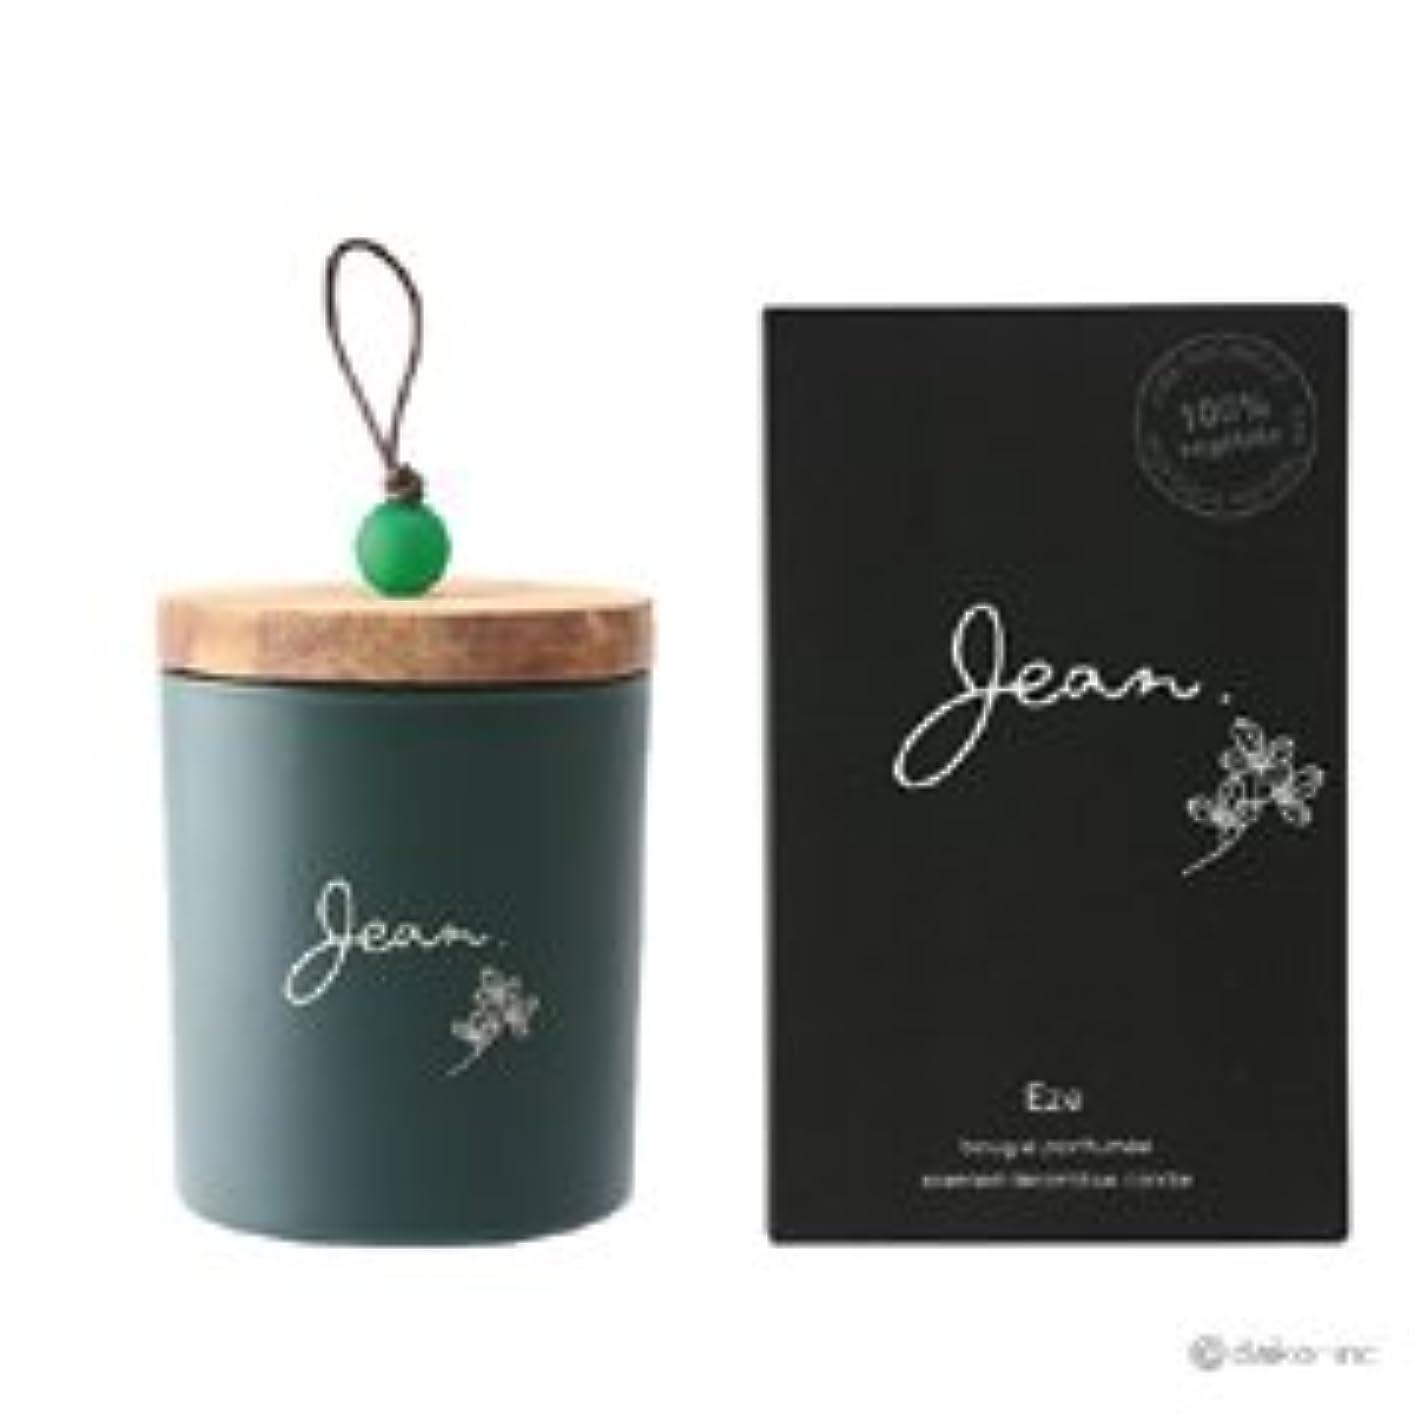 ランプサミット比類なきJean.(ジャン)センテッドキャンドル エズ